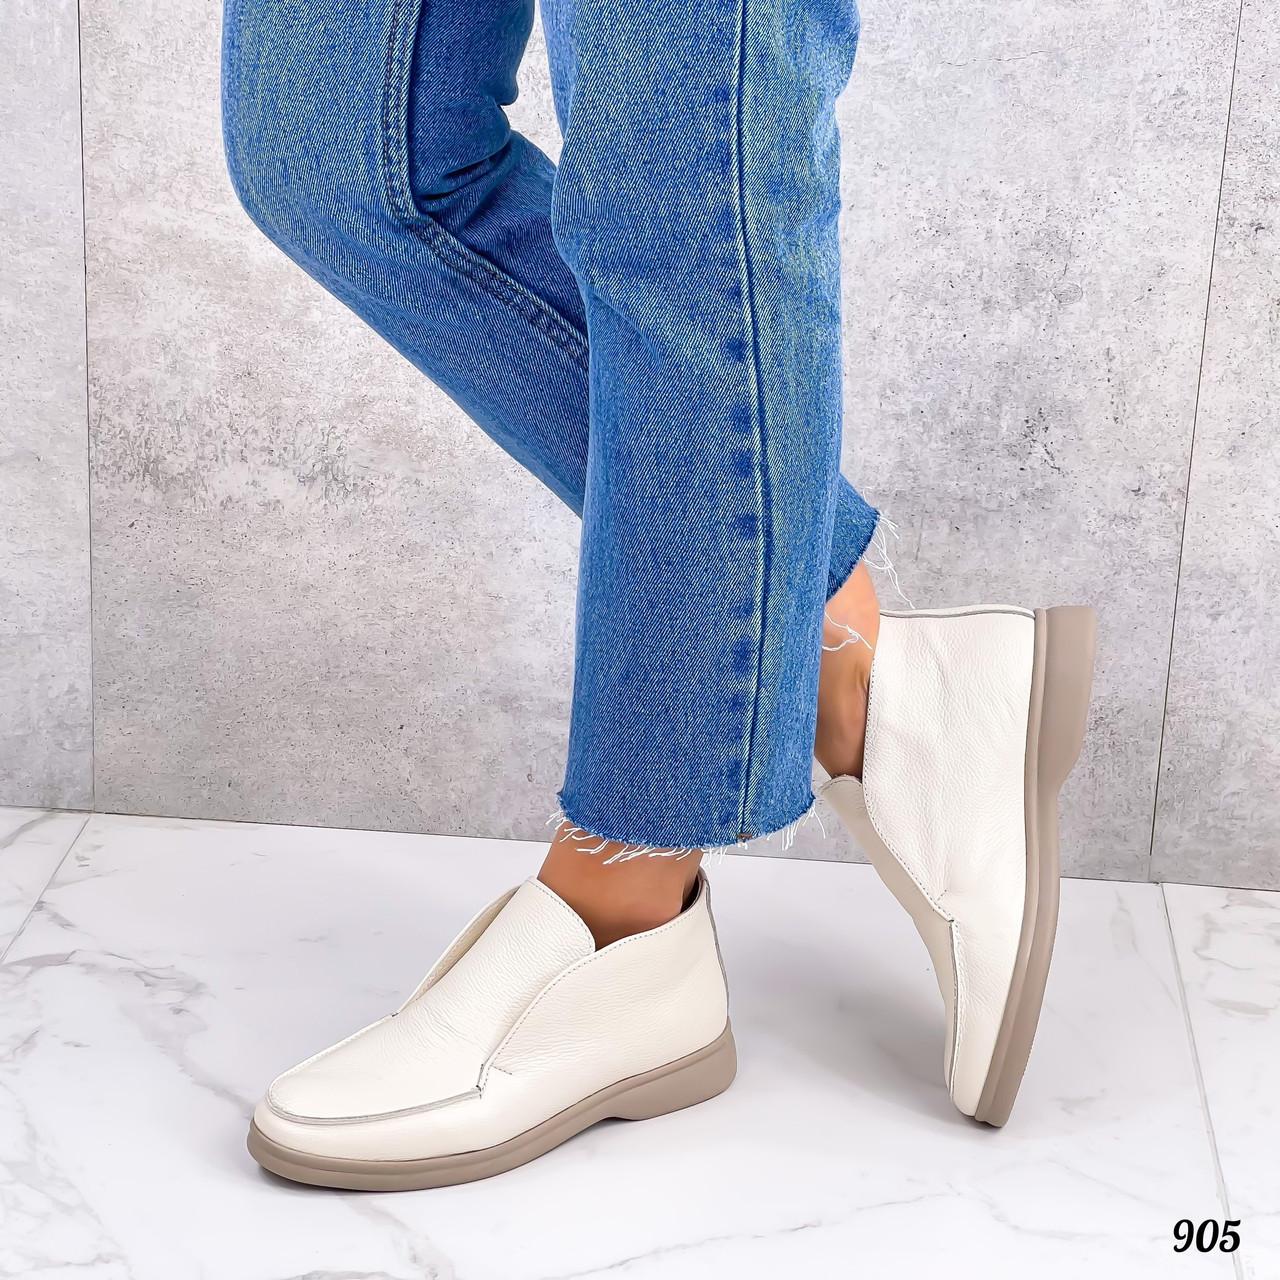 Женские кожаные высокие туфли лоферы 36-40 р бежевый